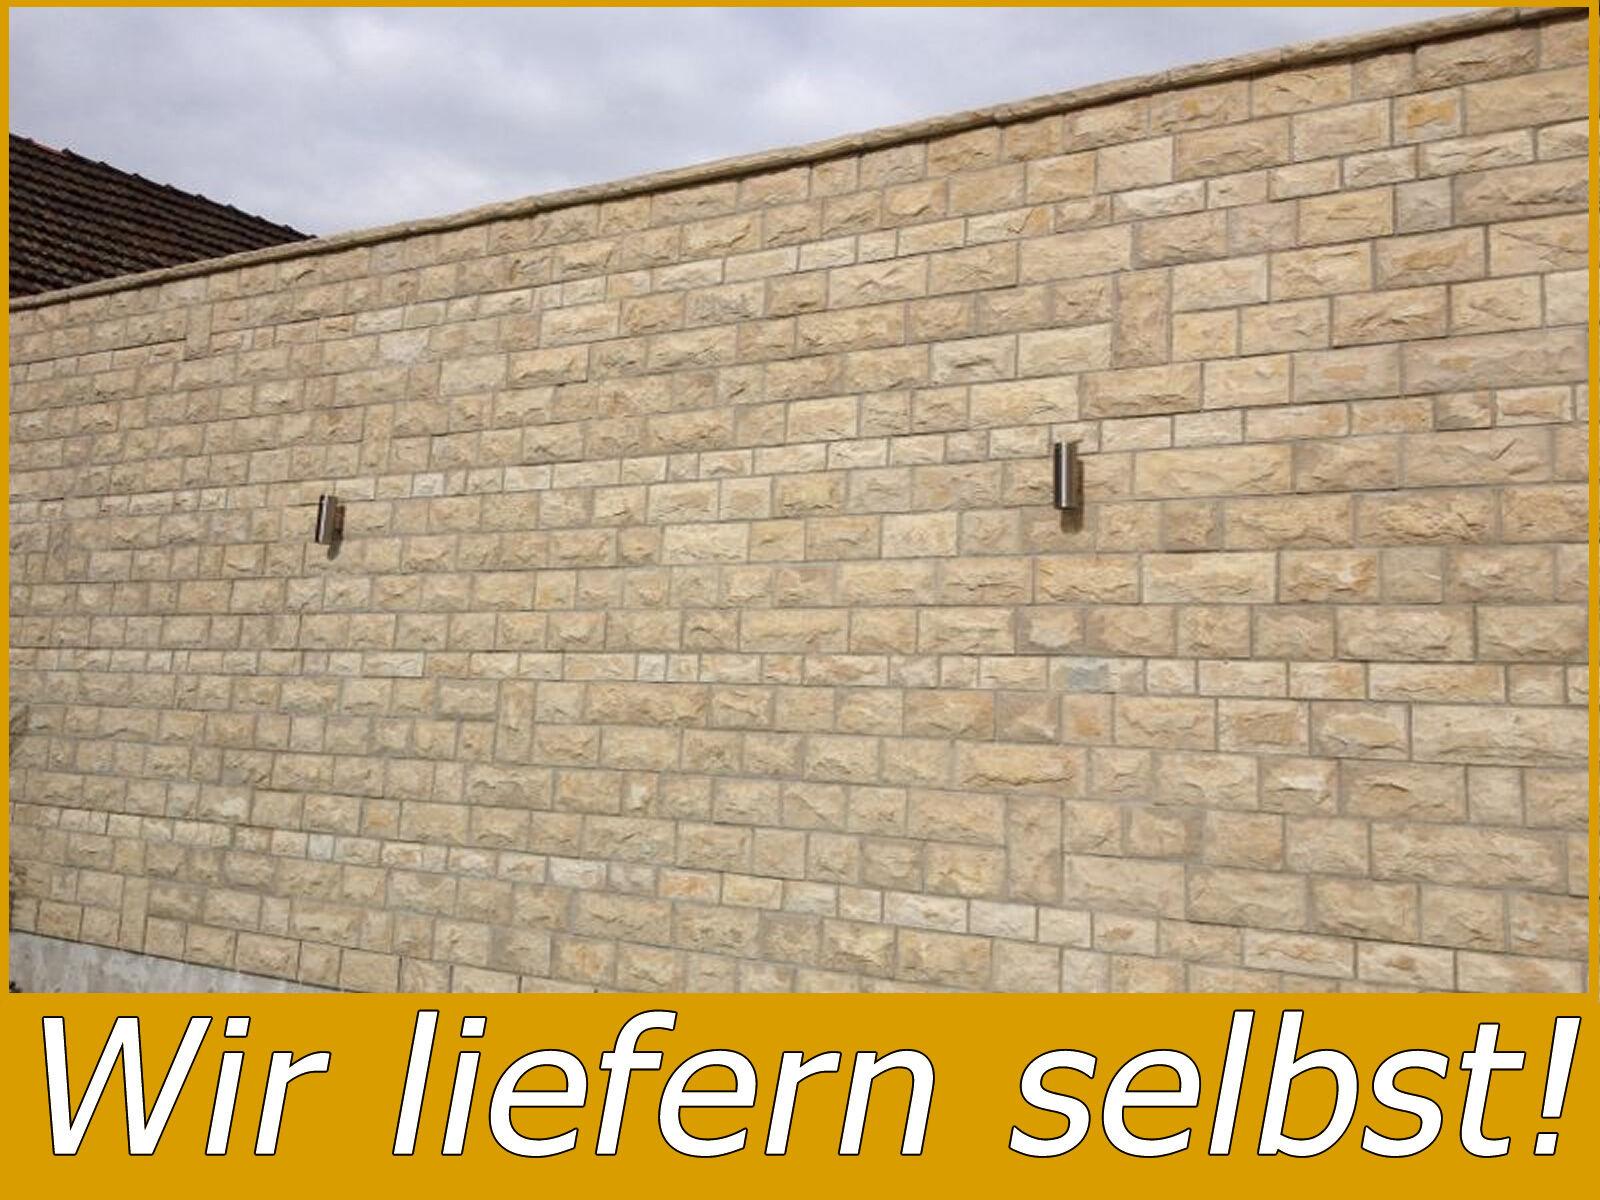 10M² NATURSTEIN WANDVERBLENDER RIEMCHEN KLINKER VERBLENDER BOSSIERT 20CM